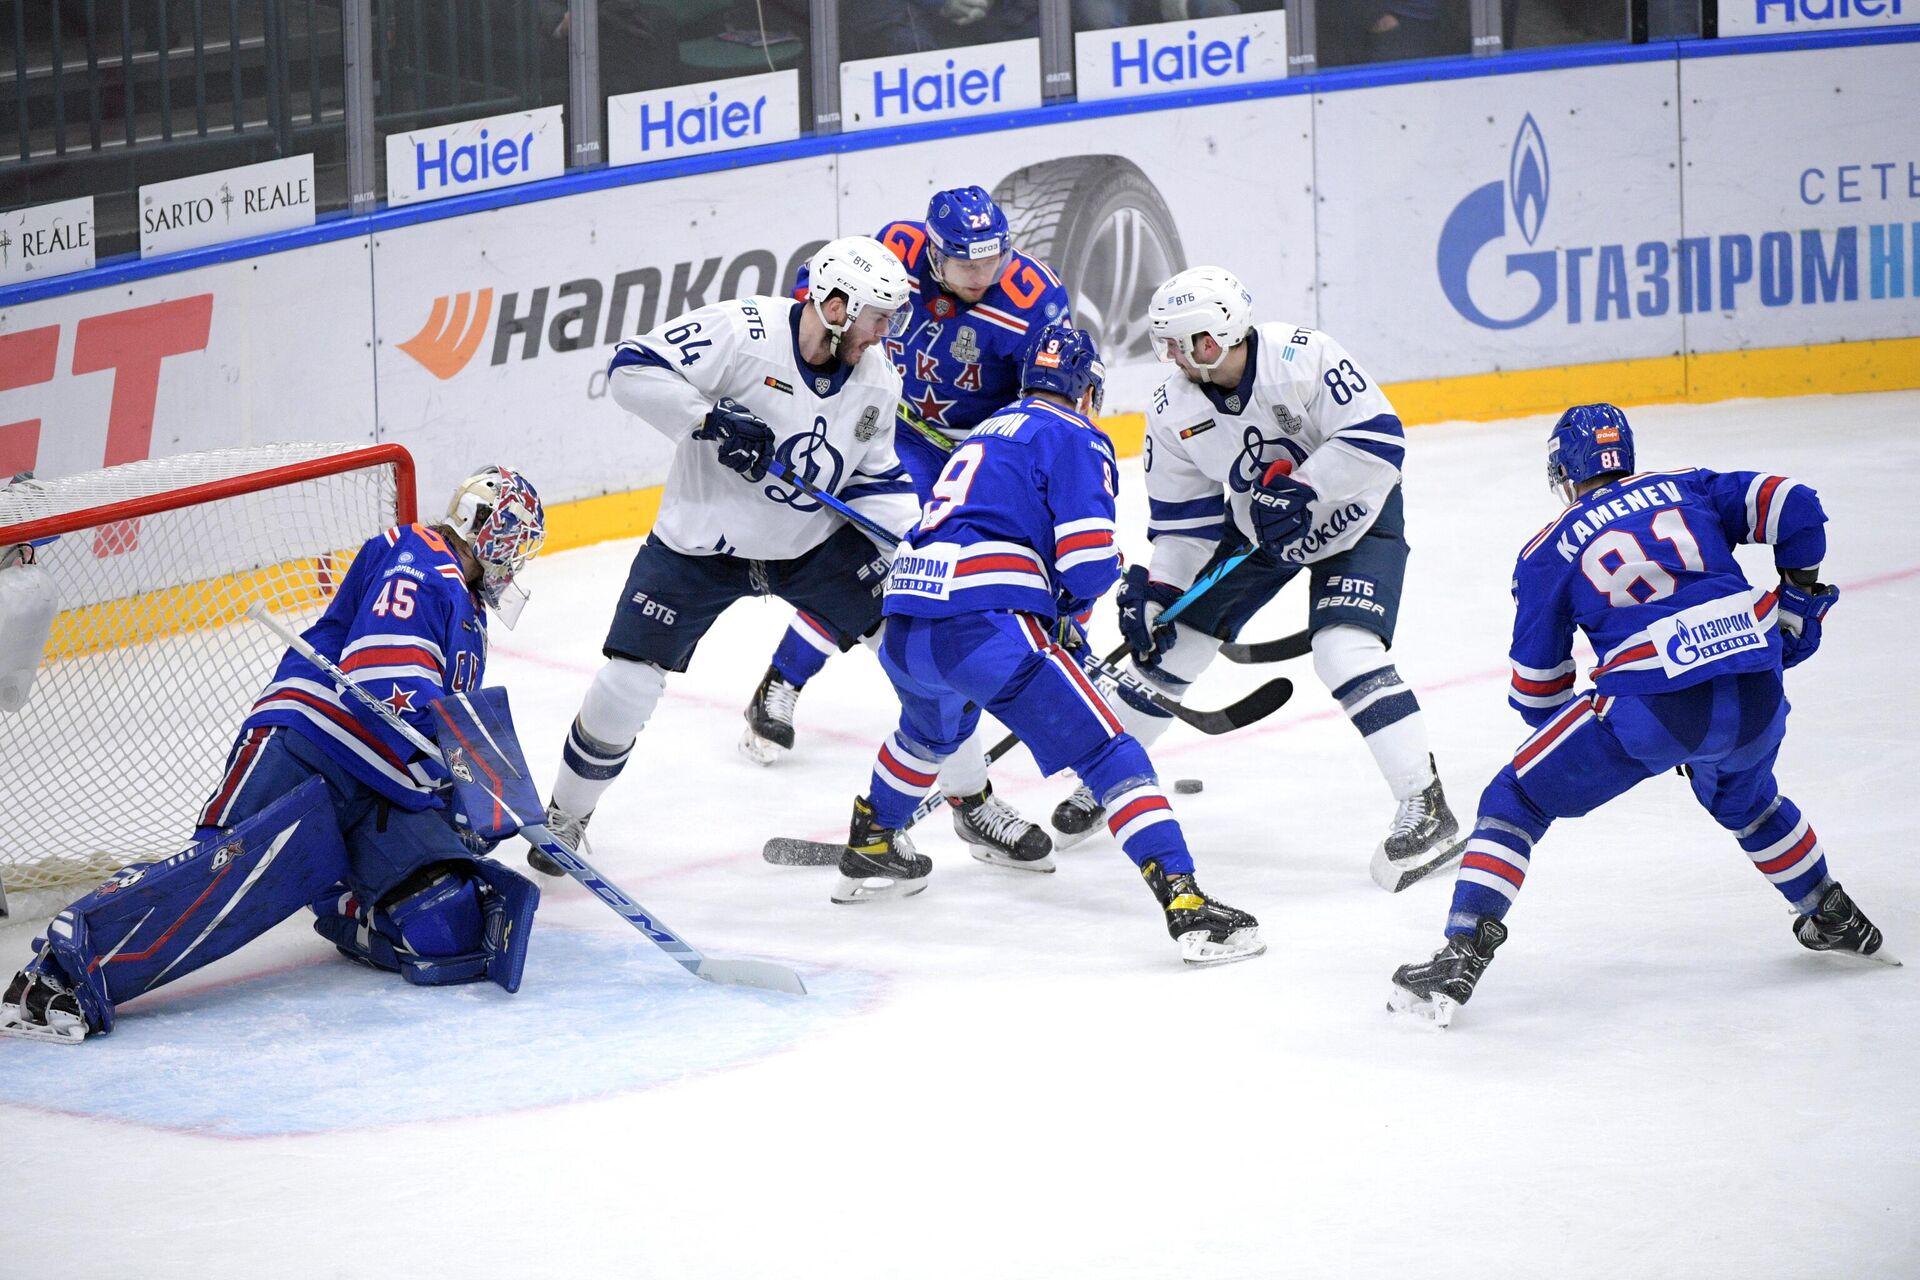 Игровой момент в матче между СКА и Динамо - РИА Новости, 1920, 30.03.2021